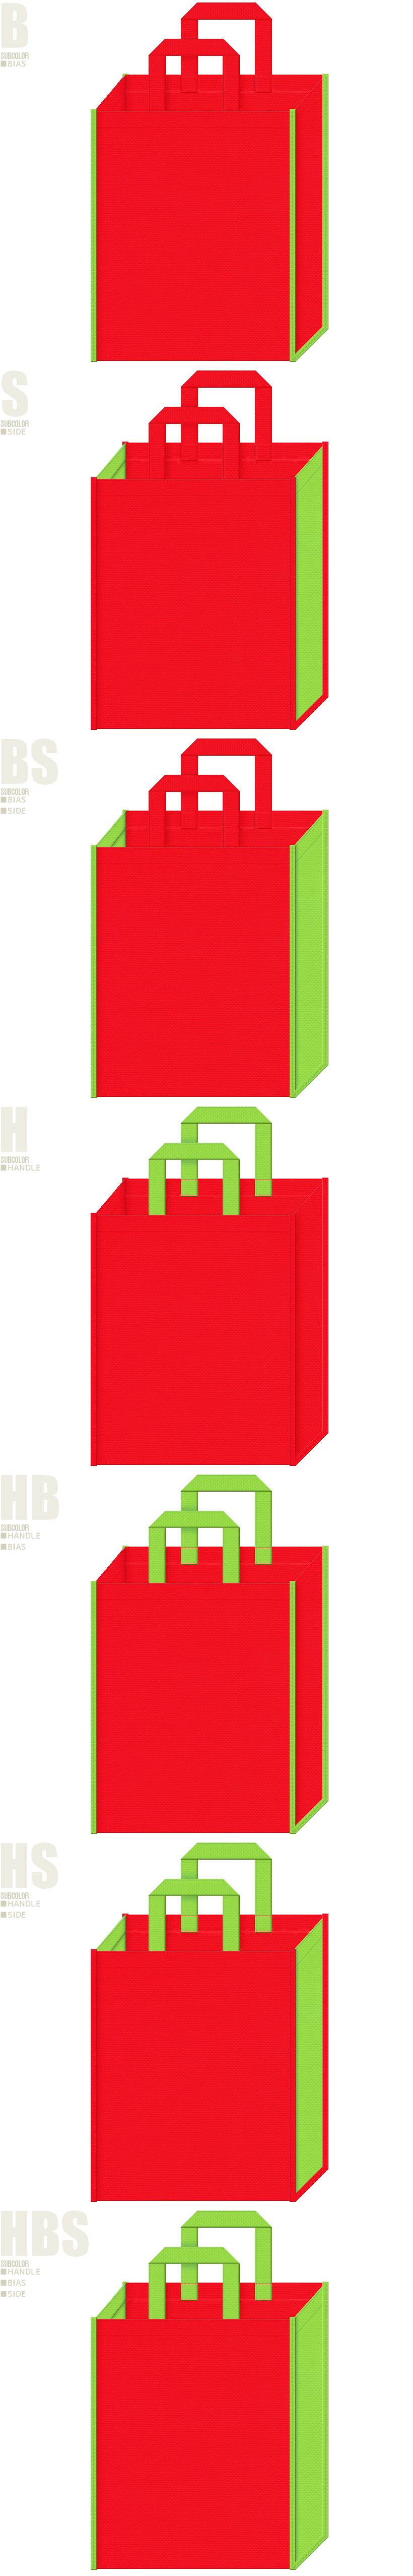 不織布バッグのデザイン:赤色と黄緑色の配色7パターン